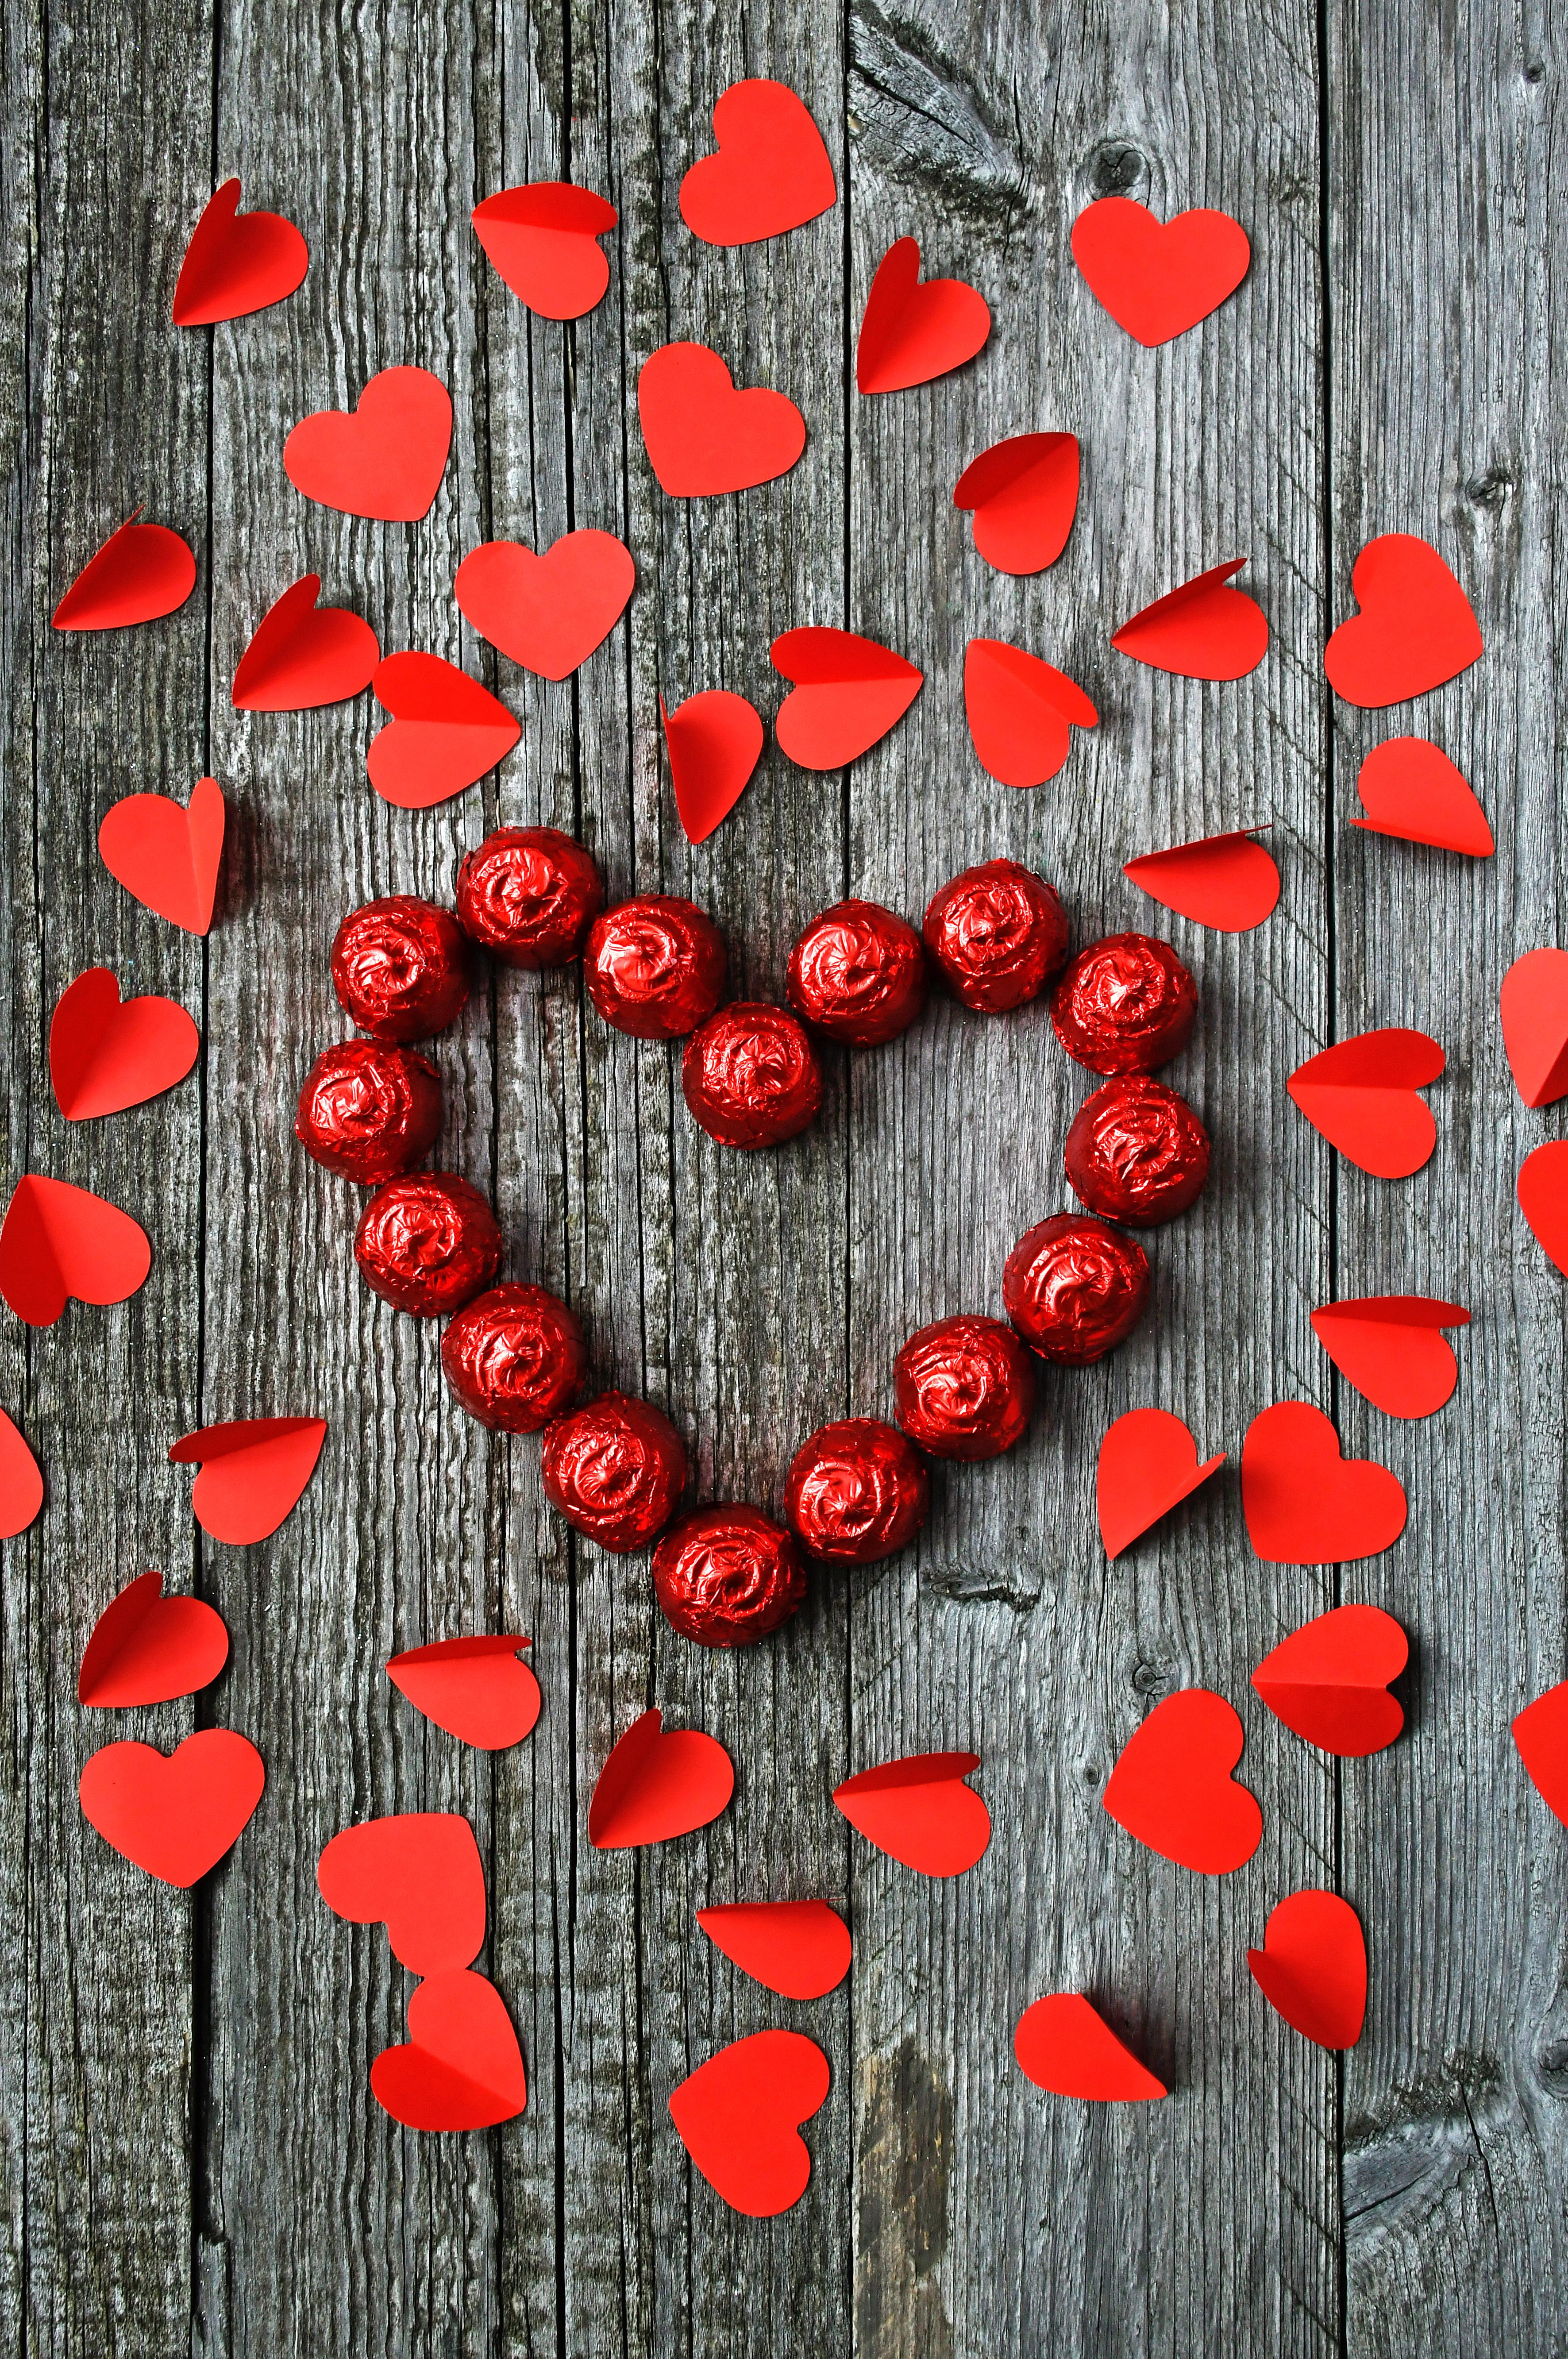 81169 обои 2160x3840 на телефон бесплатно, скачать картинки Сердца, Любовь, Конфеты, Сердце 2160x3840 на мобильный